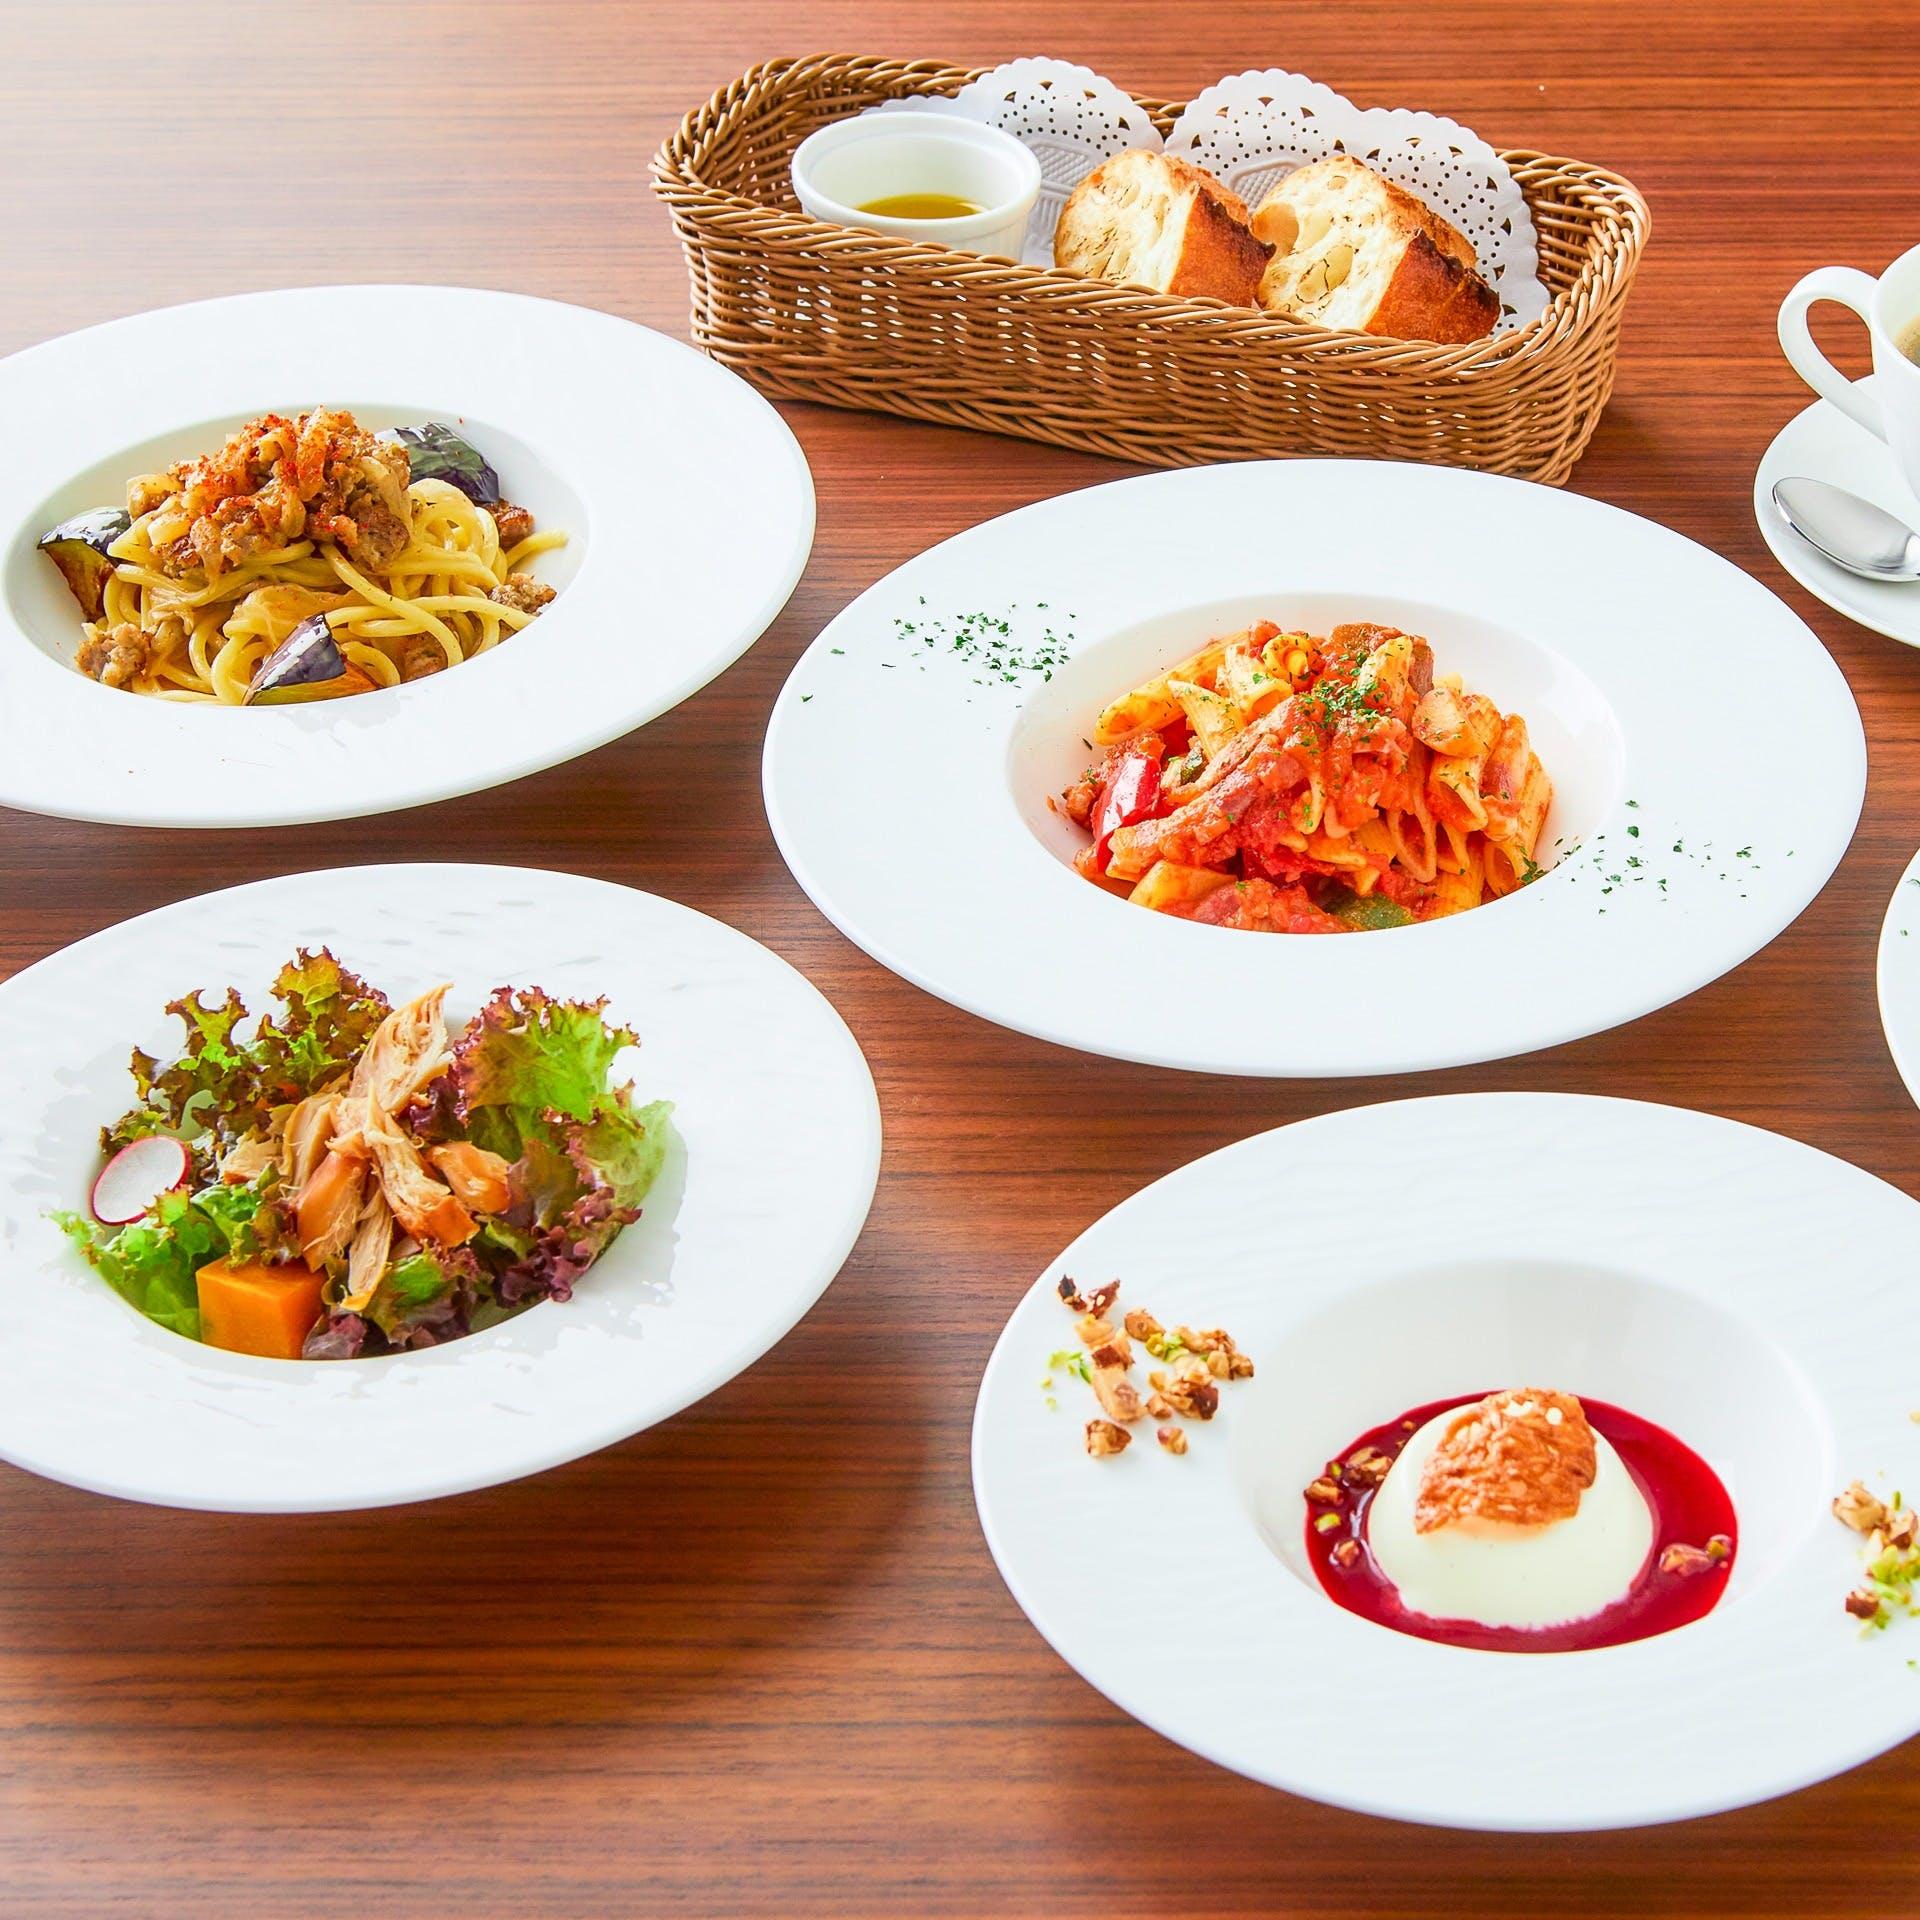 西洋料理をベースに京料理のエッセンスを取り入れたビストロス料理の数々